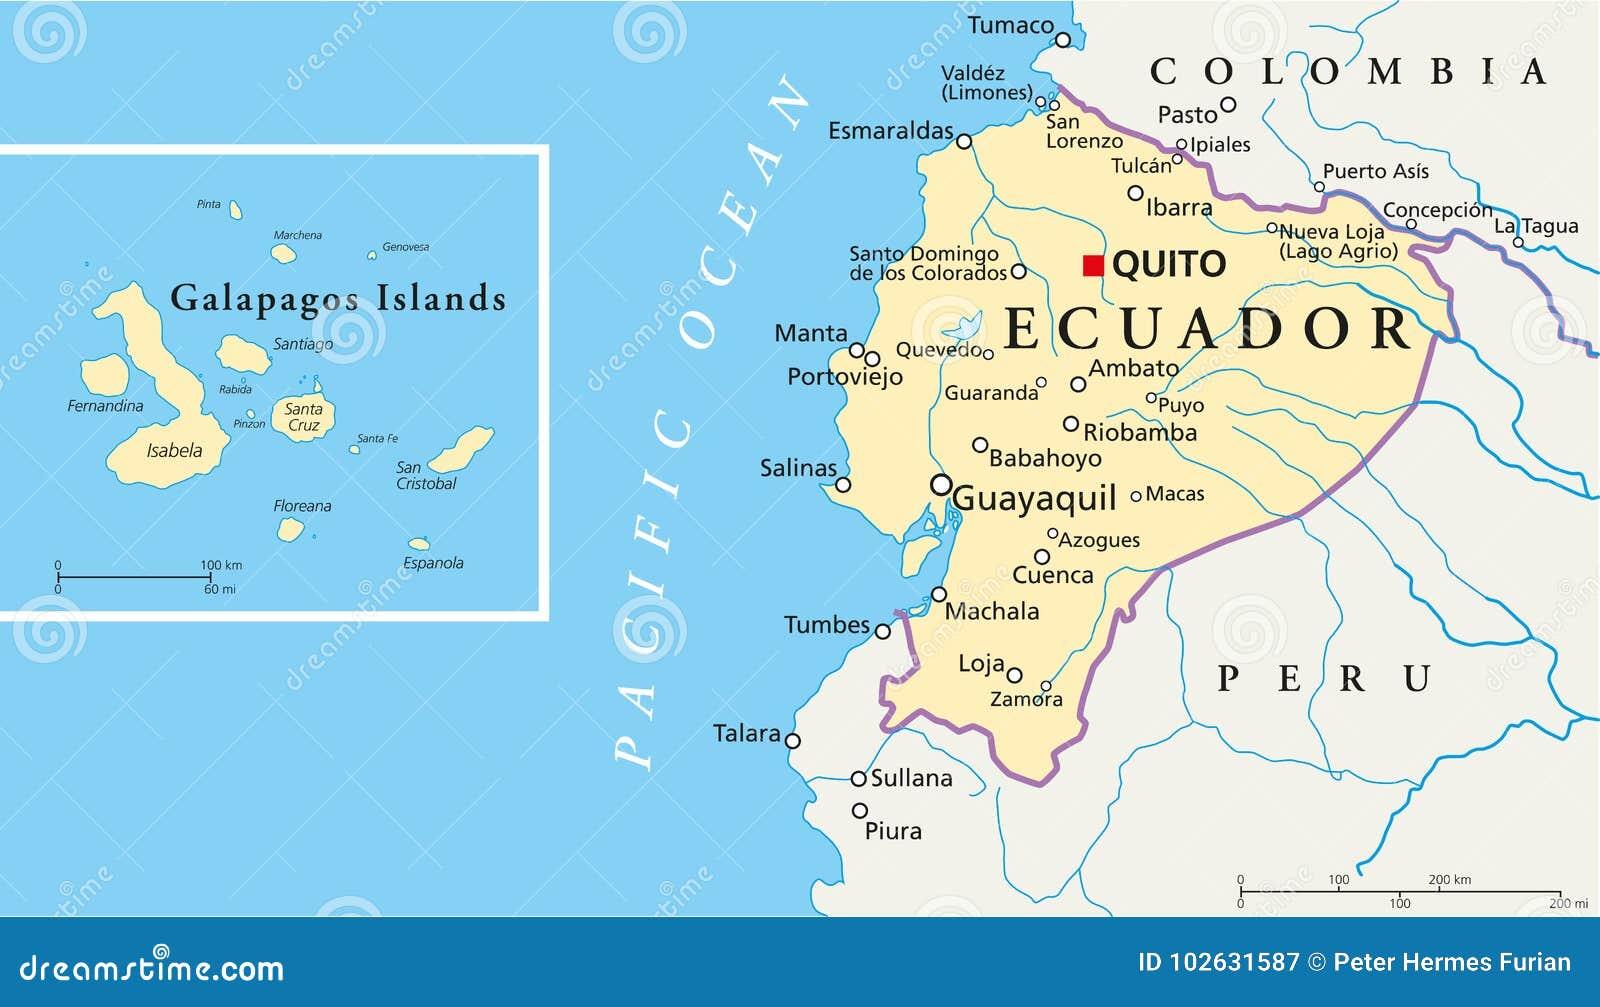 Ecuador And Galapagos Islands Political Map Stock Vector ...